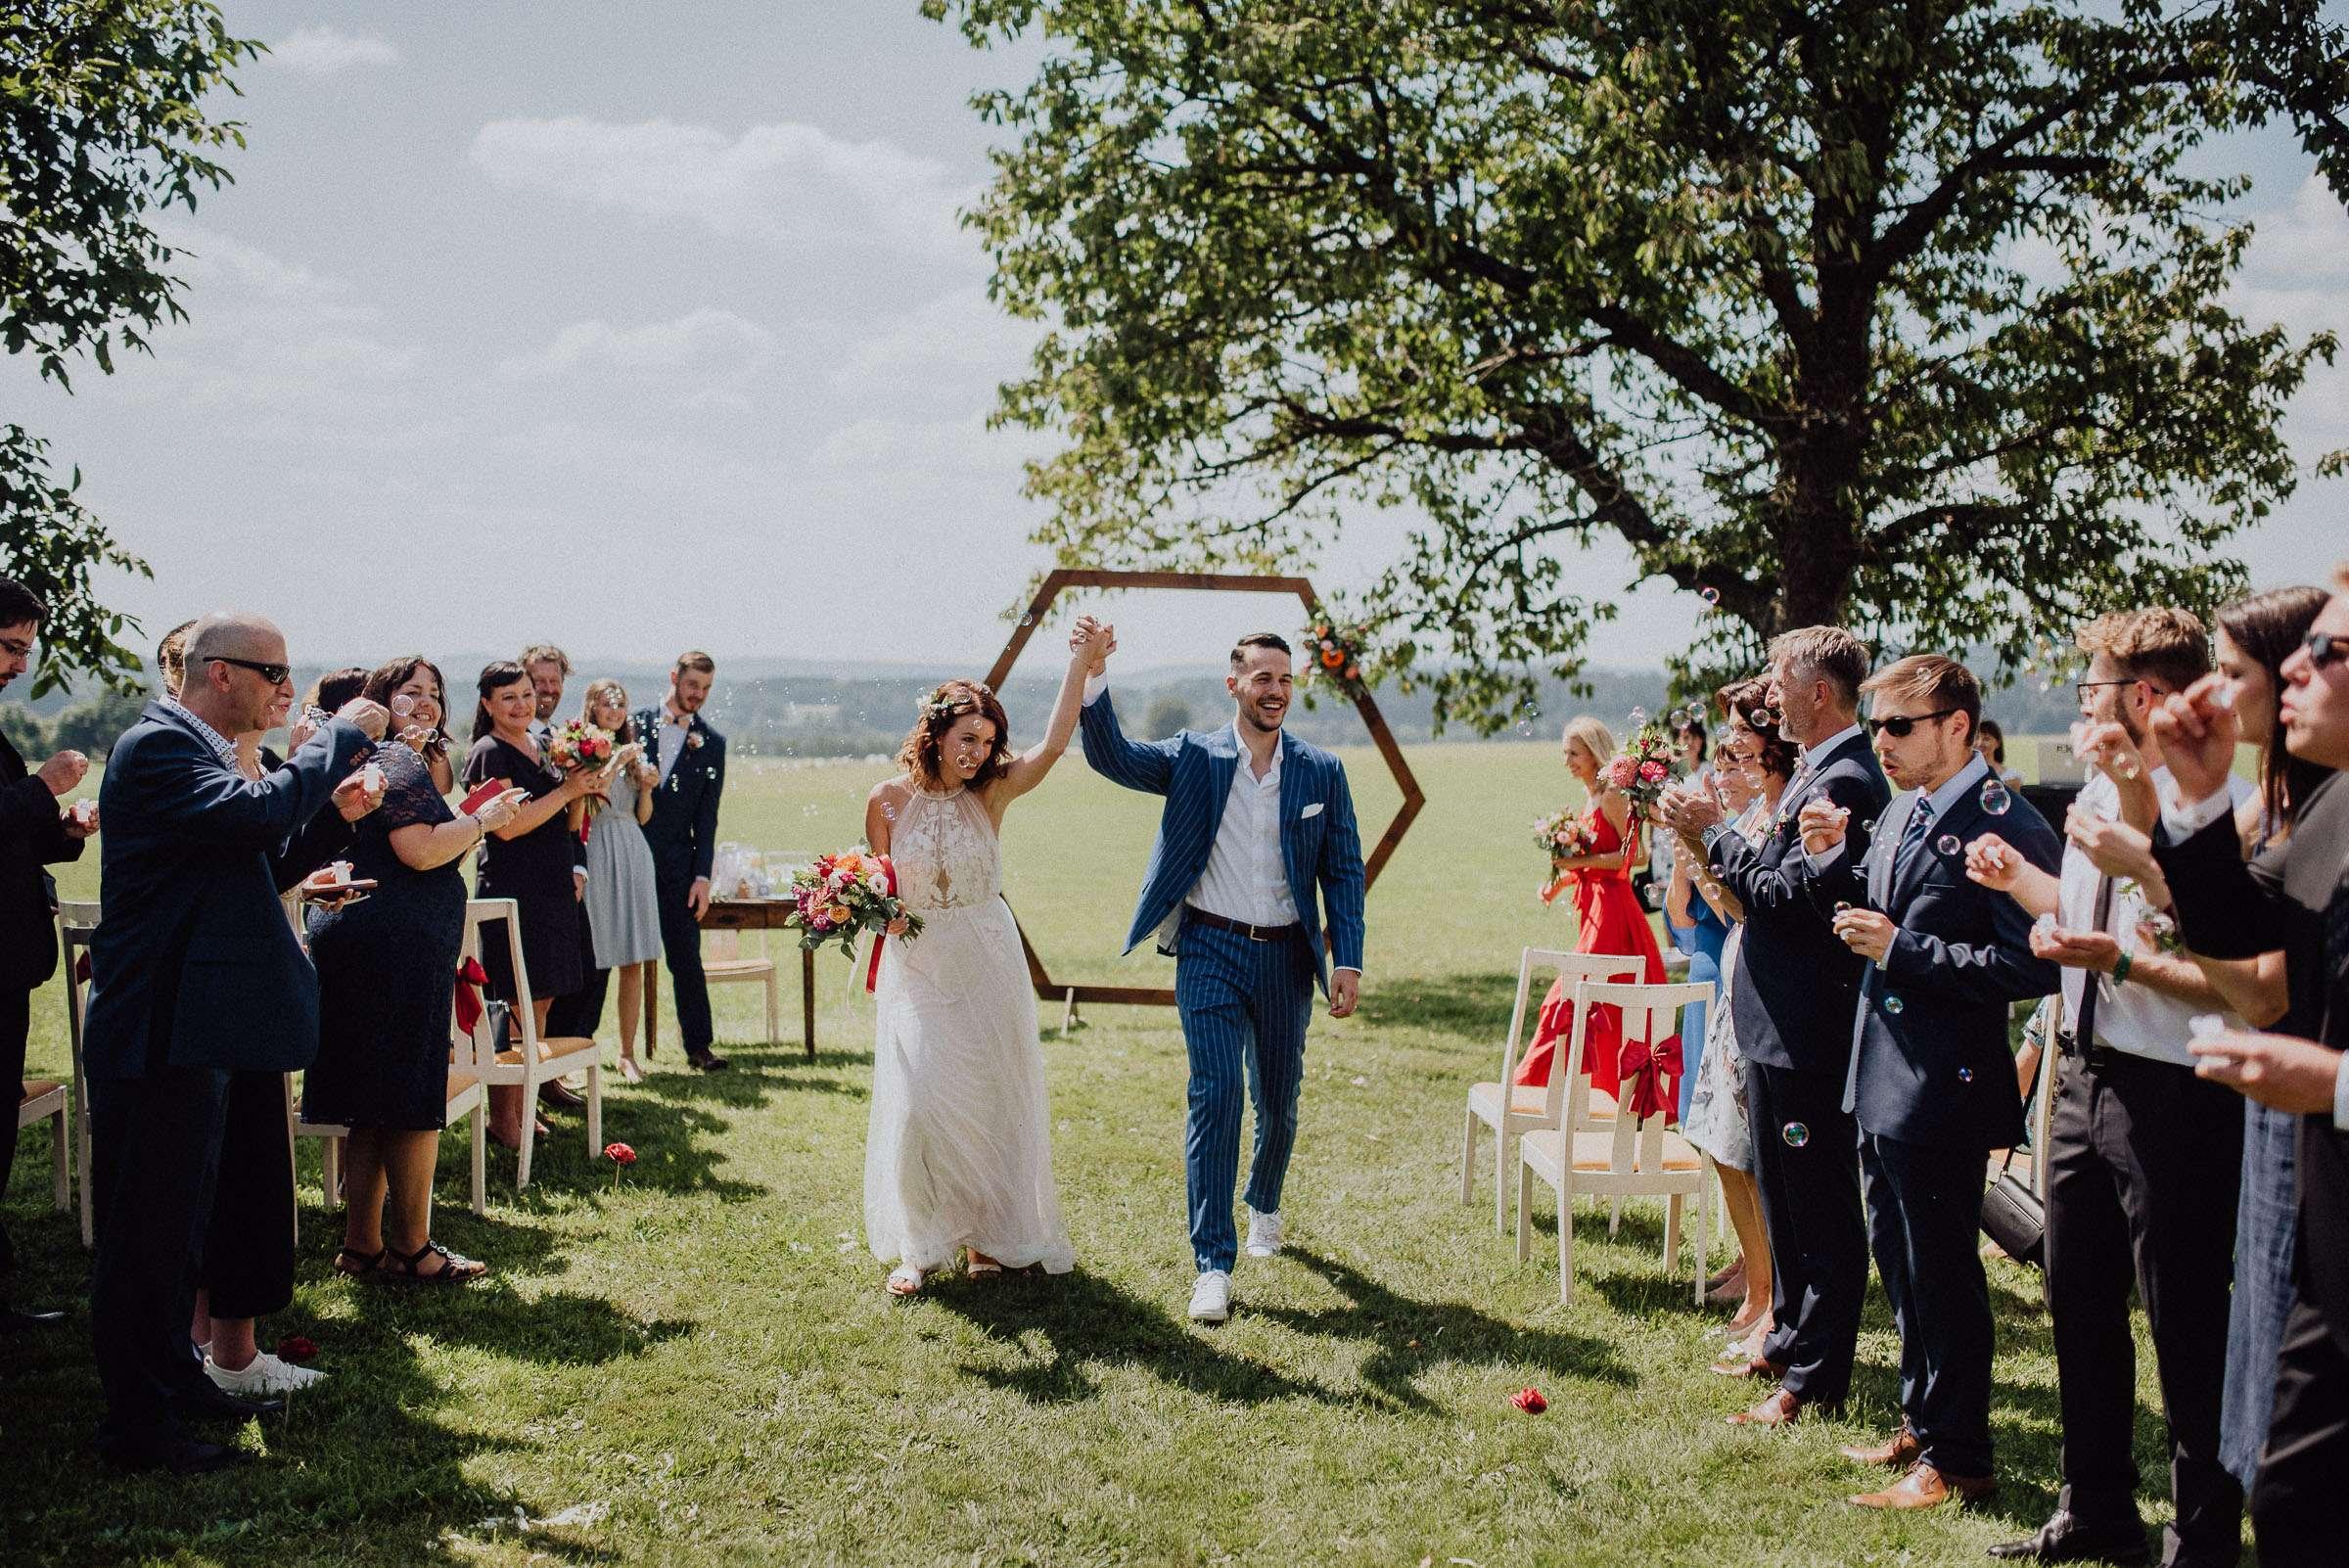 Ženich s nevěstou odchází po obřadu špalírem na svatbě Orlické hory